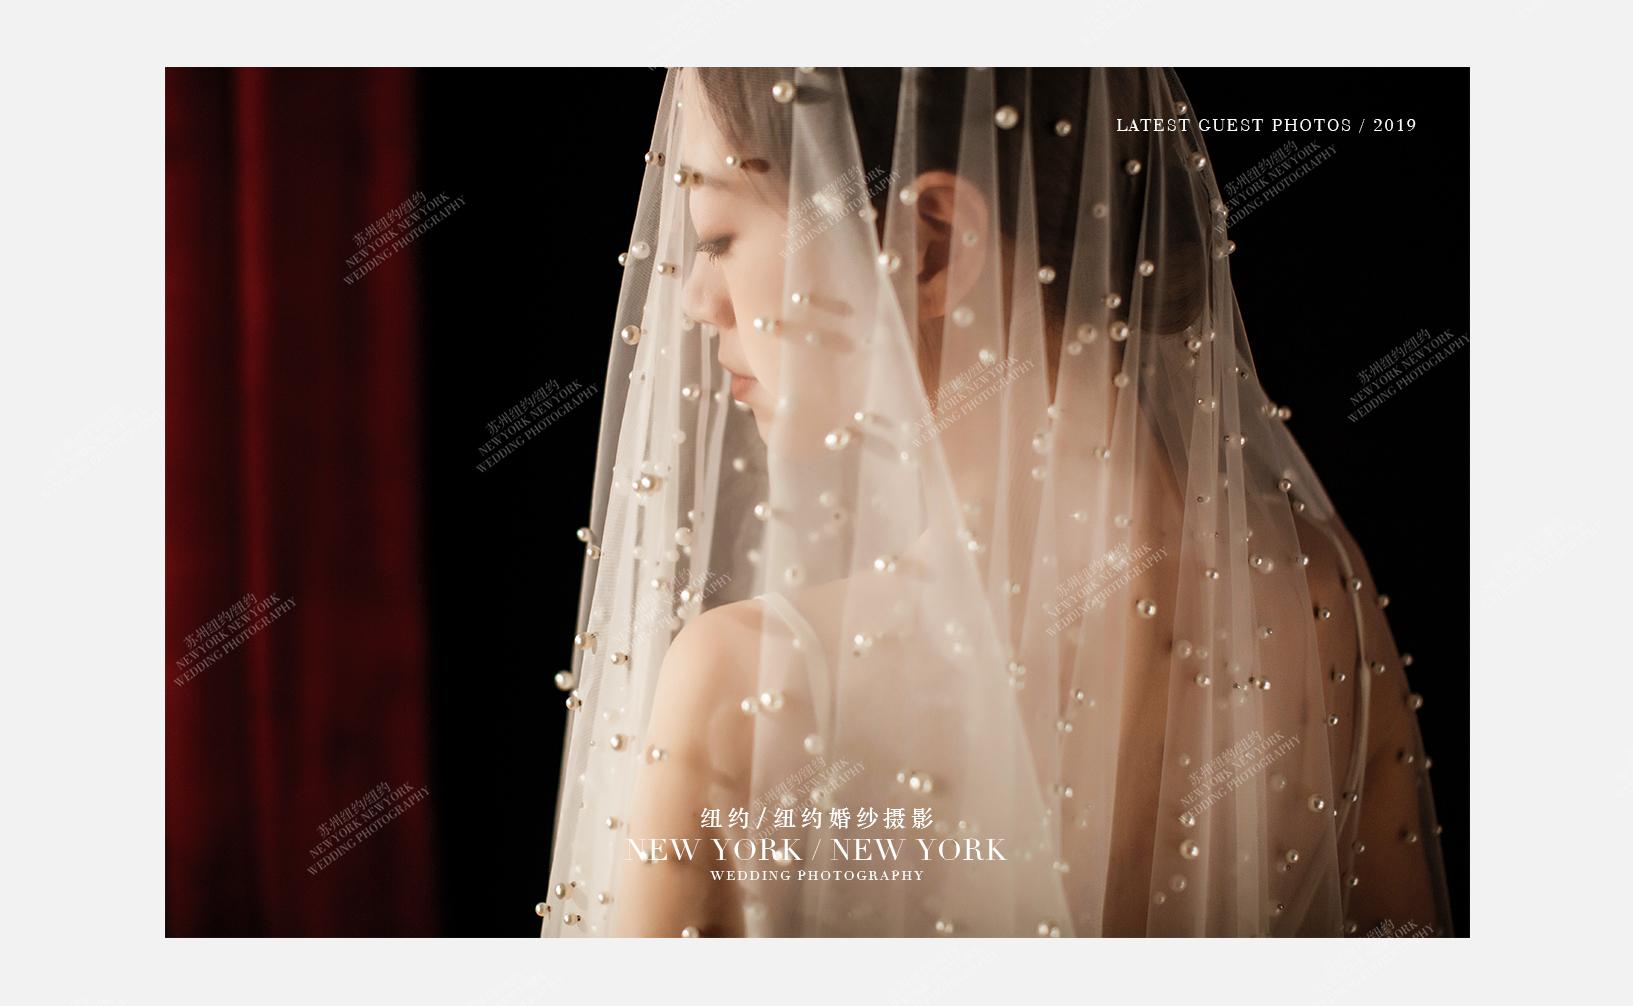 Mr.方 & Ms.冯(纽约纽约最新客照)婚纱摄影照